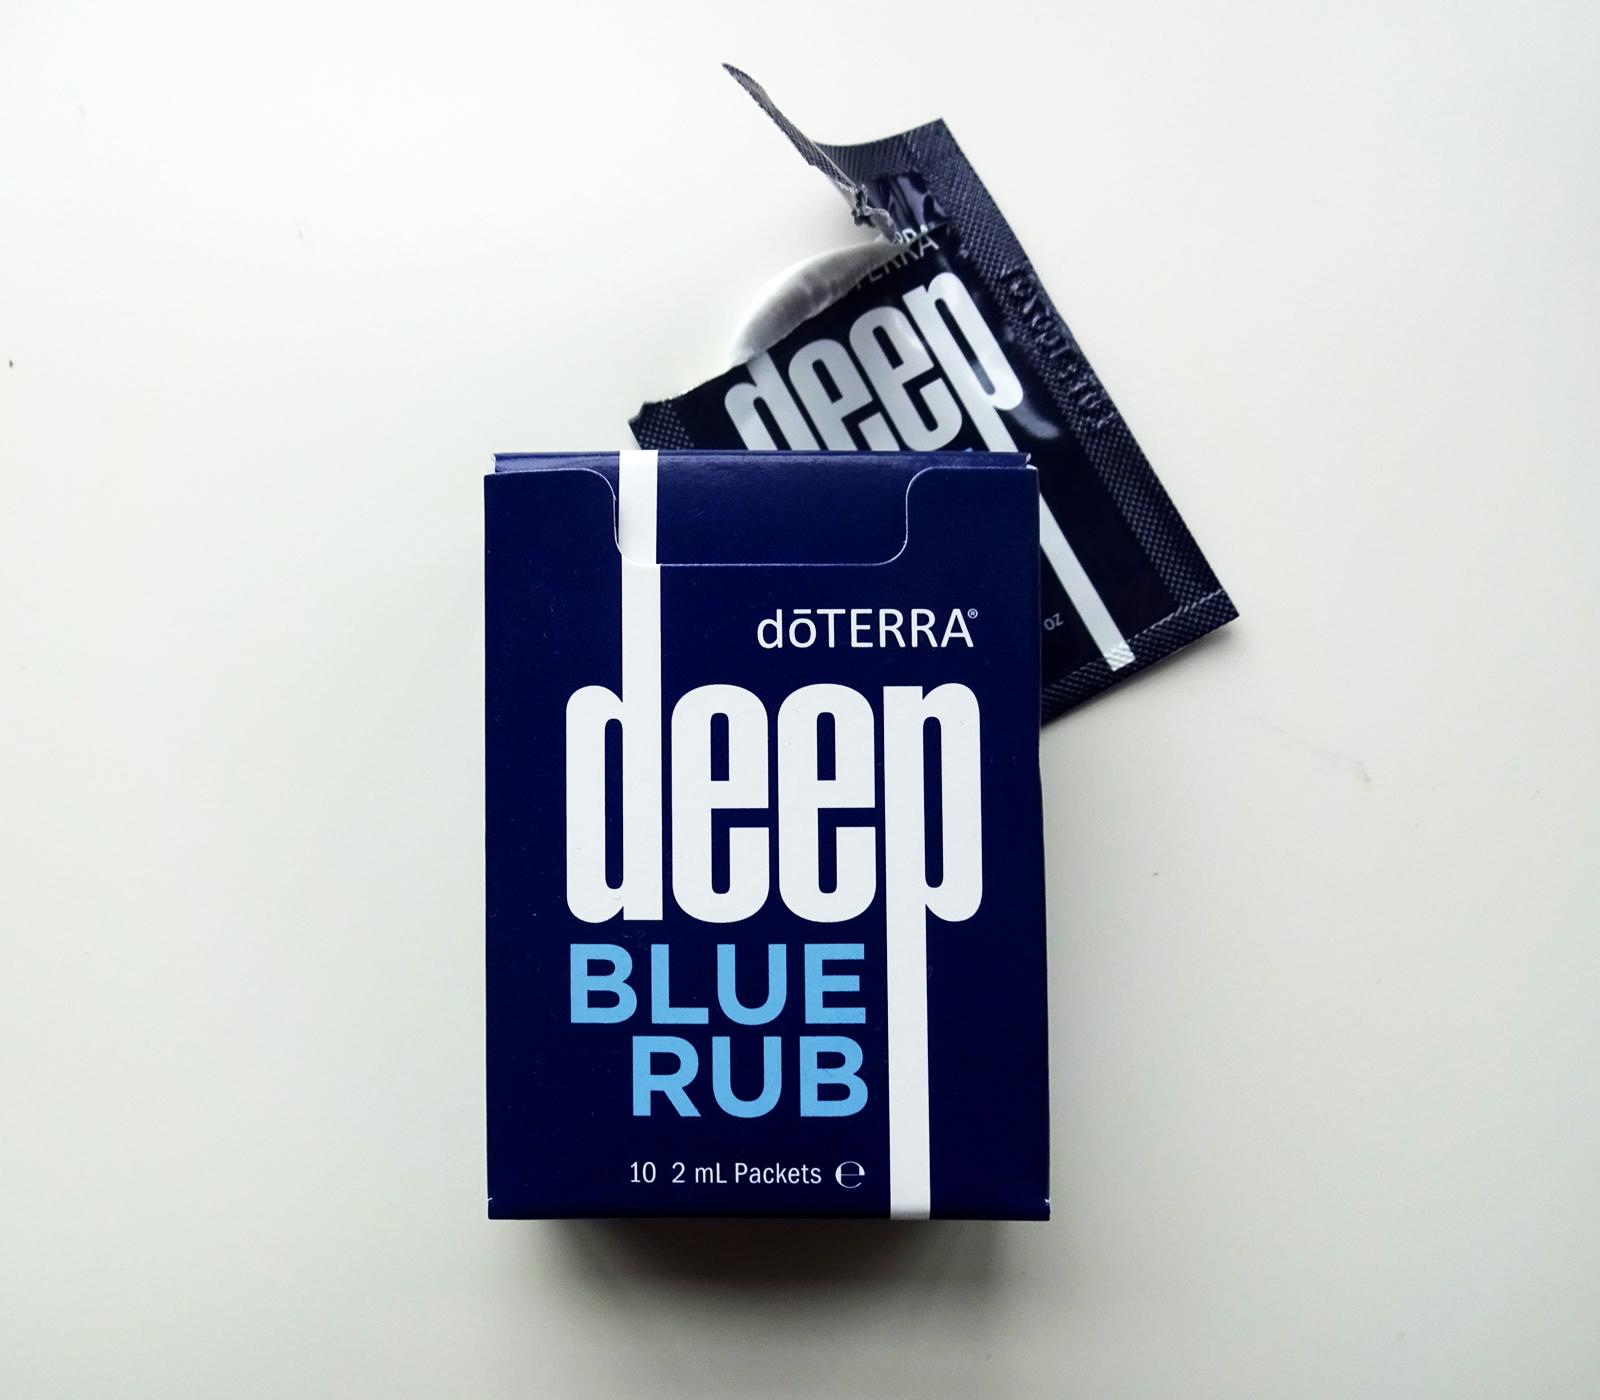 deep blue rub schnelle linderung f r unterwegs exklusive geschenke. Black Bedroom Furniture Sets. Home Design Ideas